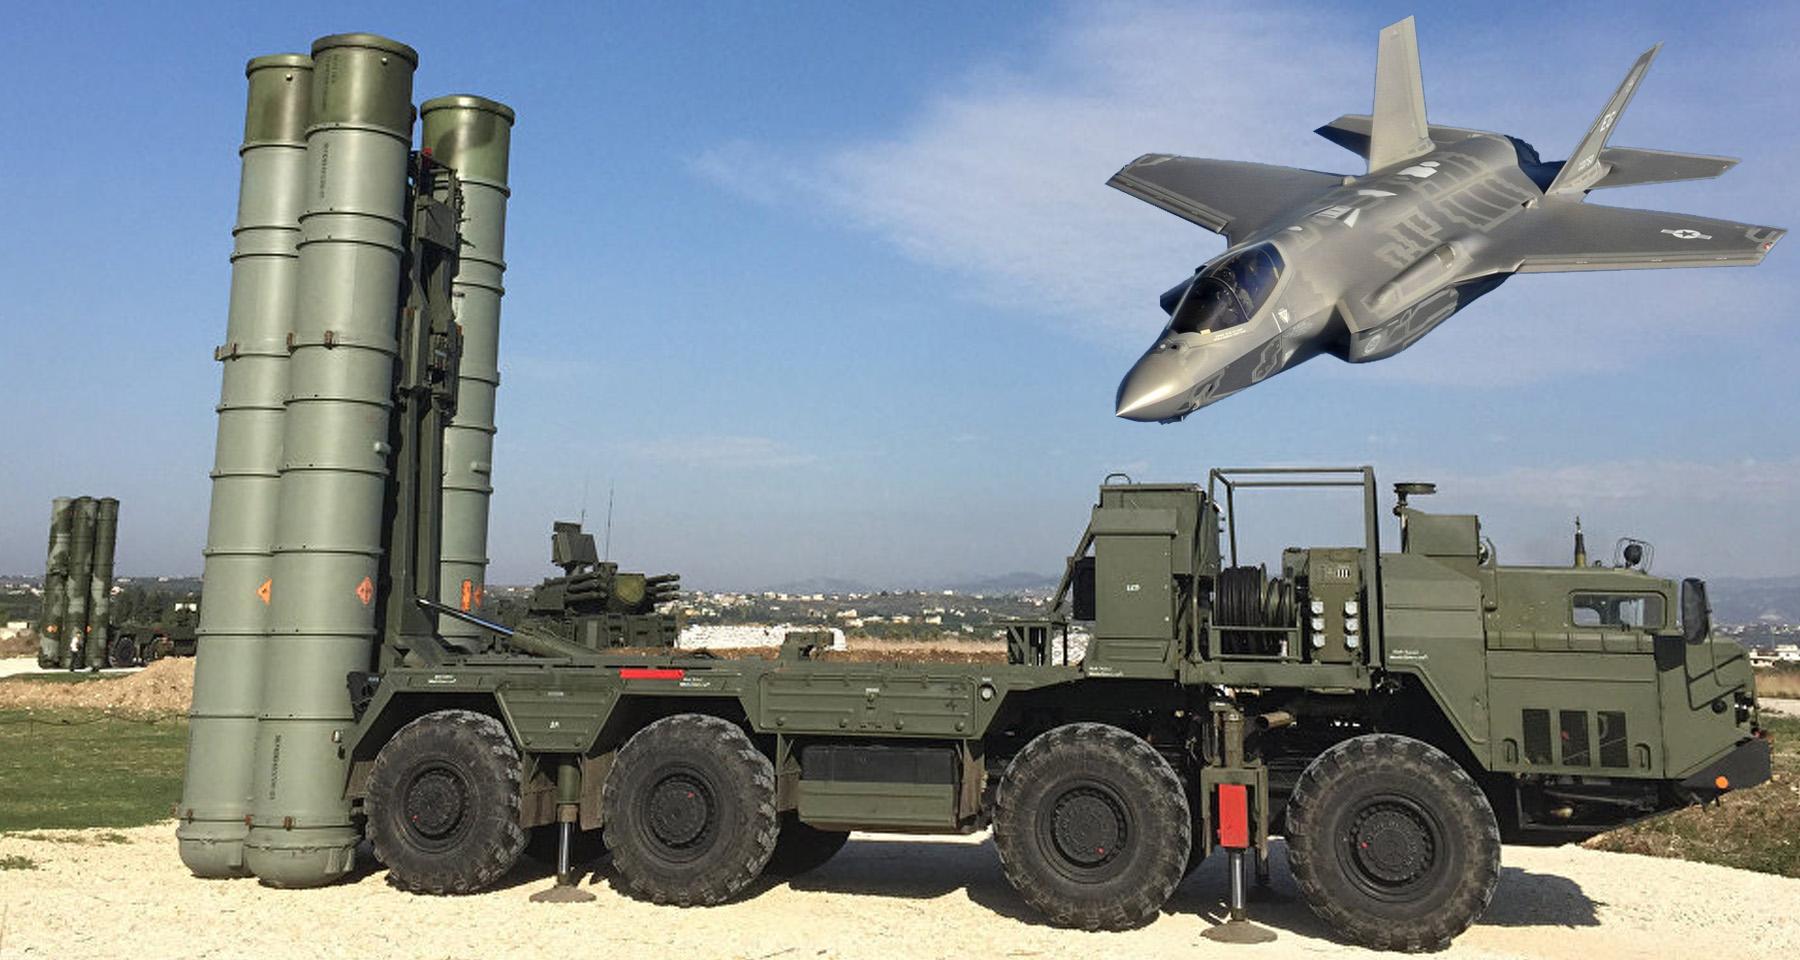 Preocupa que el sistema antiaéreo S-400 analice capacidad del caza F-35 estadounidense